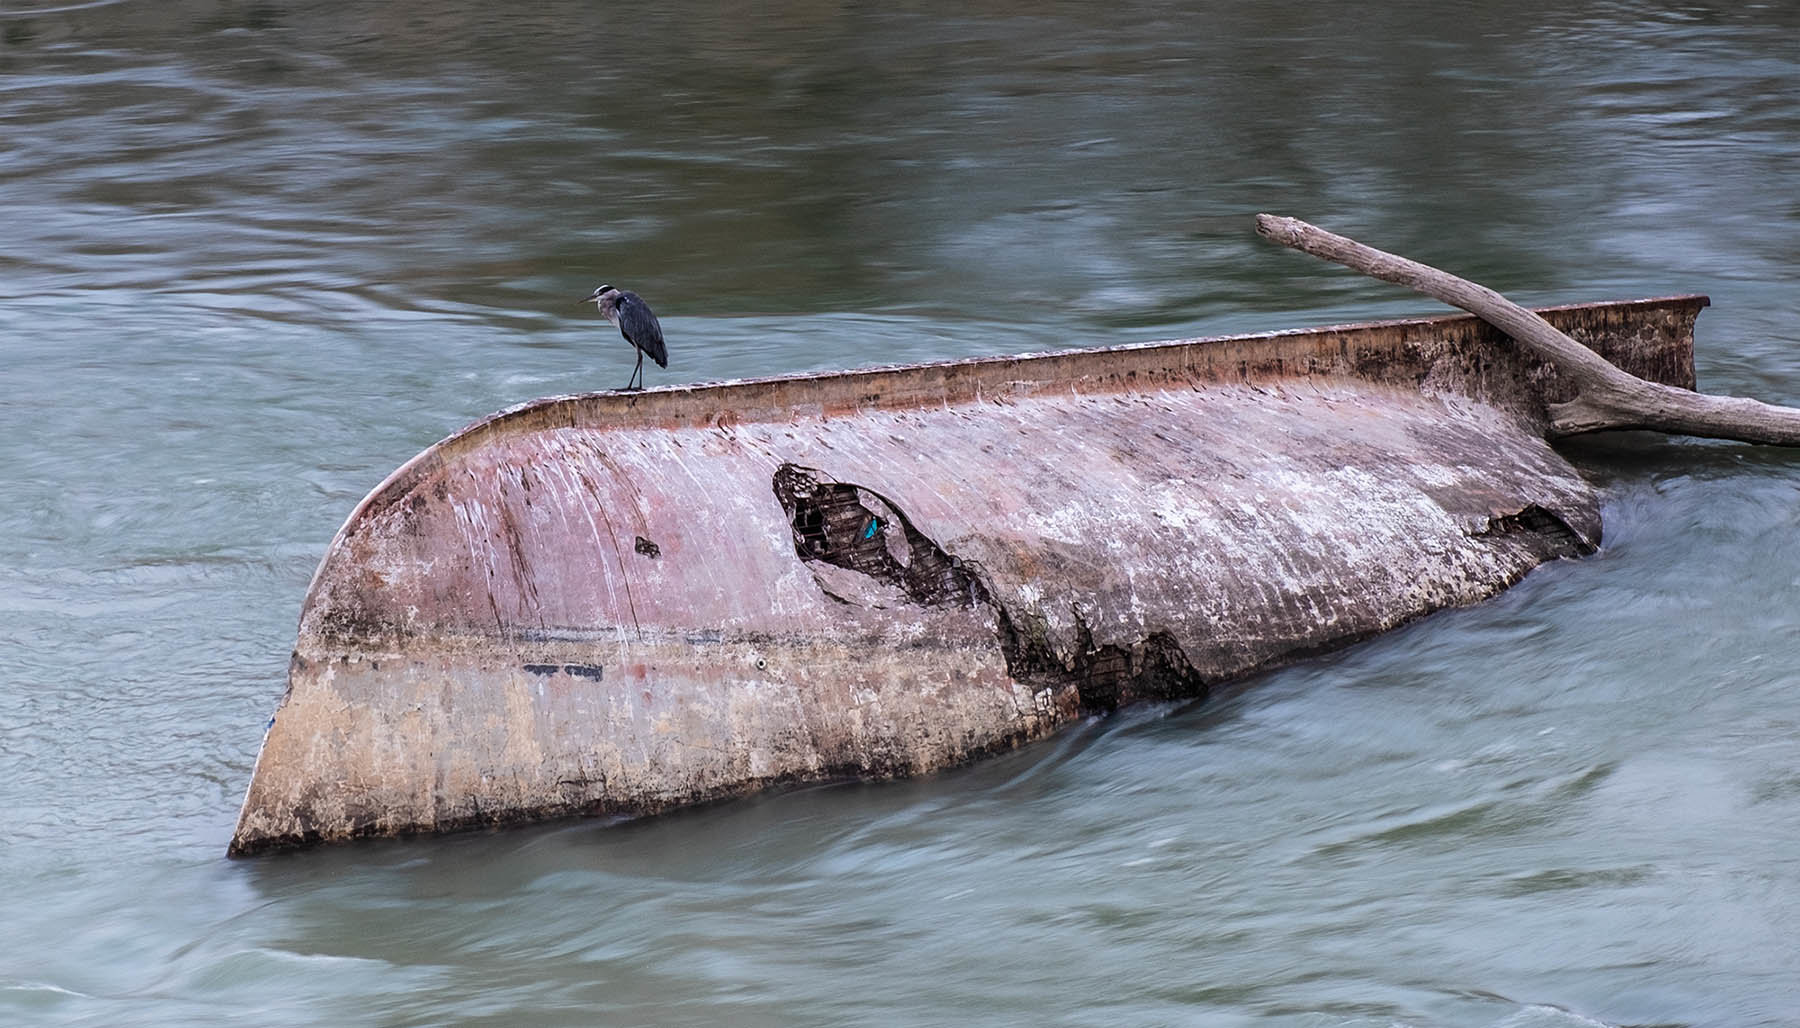 Zatopinoa łódź i czapla na rzece Tybr w Rzymie